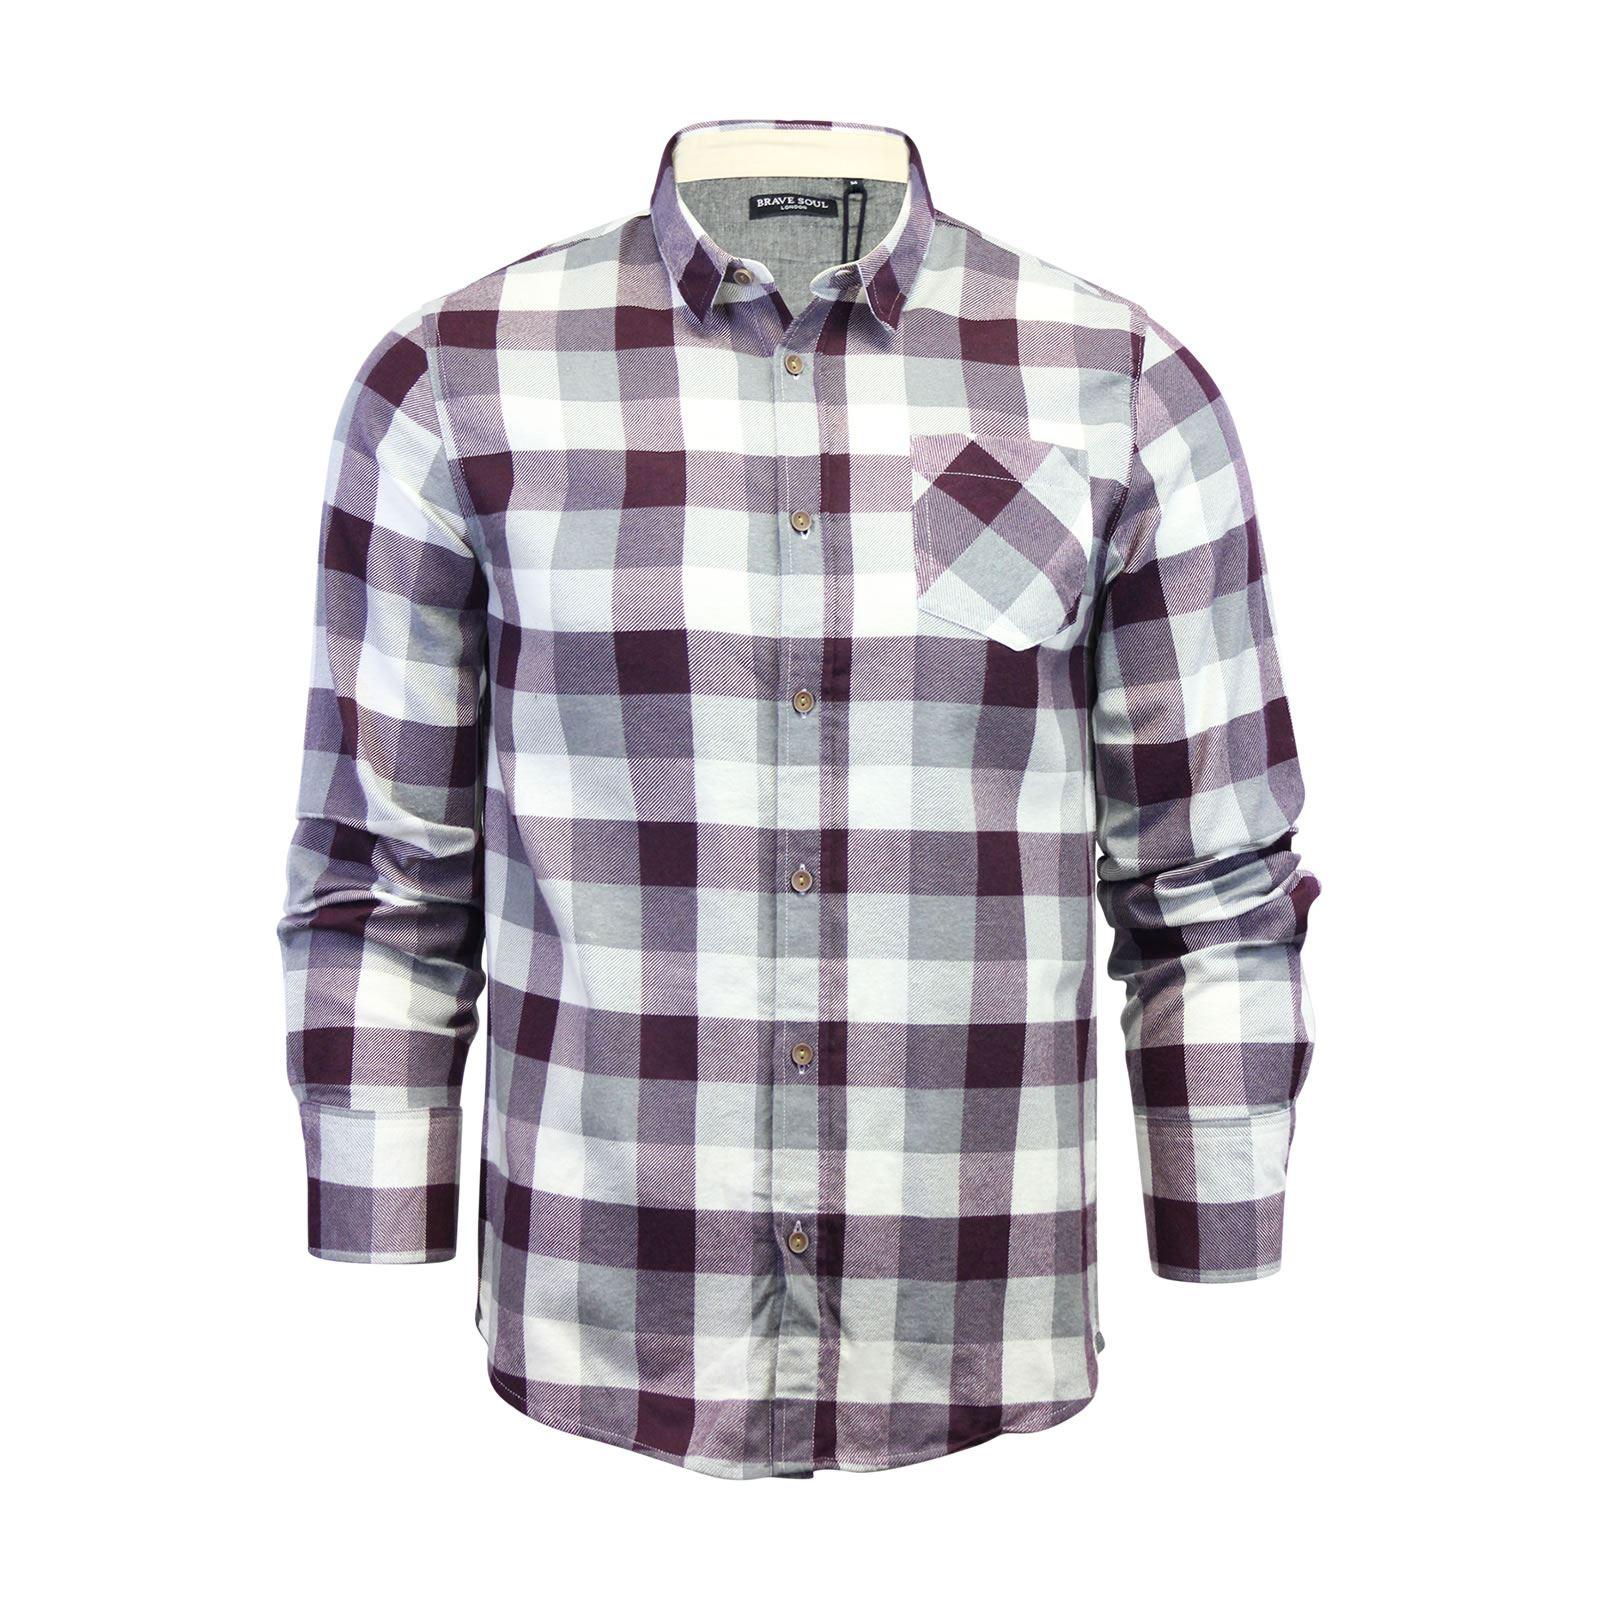 Alma-VALIENTE-HOMBRE-compruebe-Camisa-Algodon-Cepillado-De-Franela-Top-Manga-Larga-Casual miniatura 62